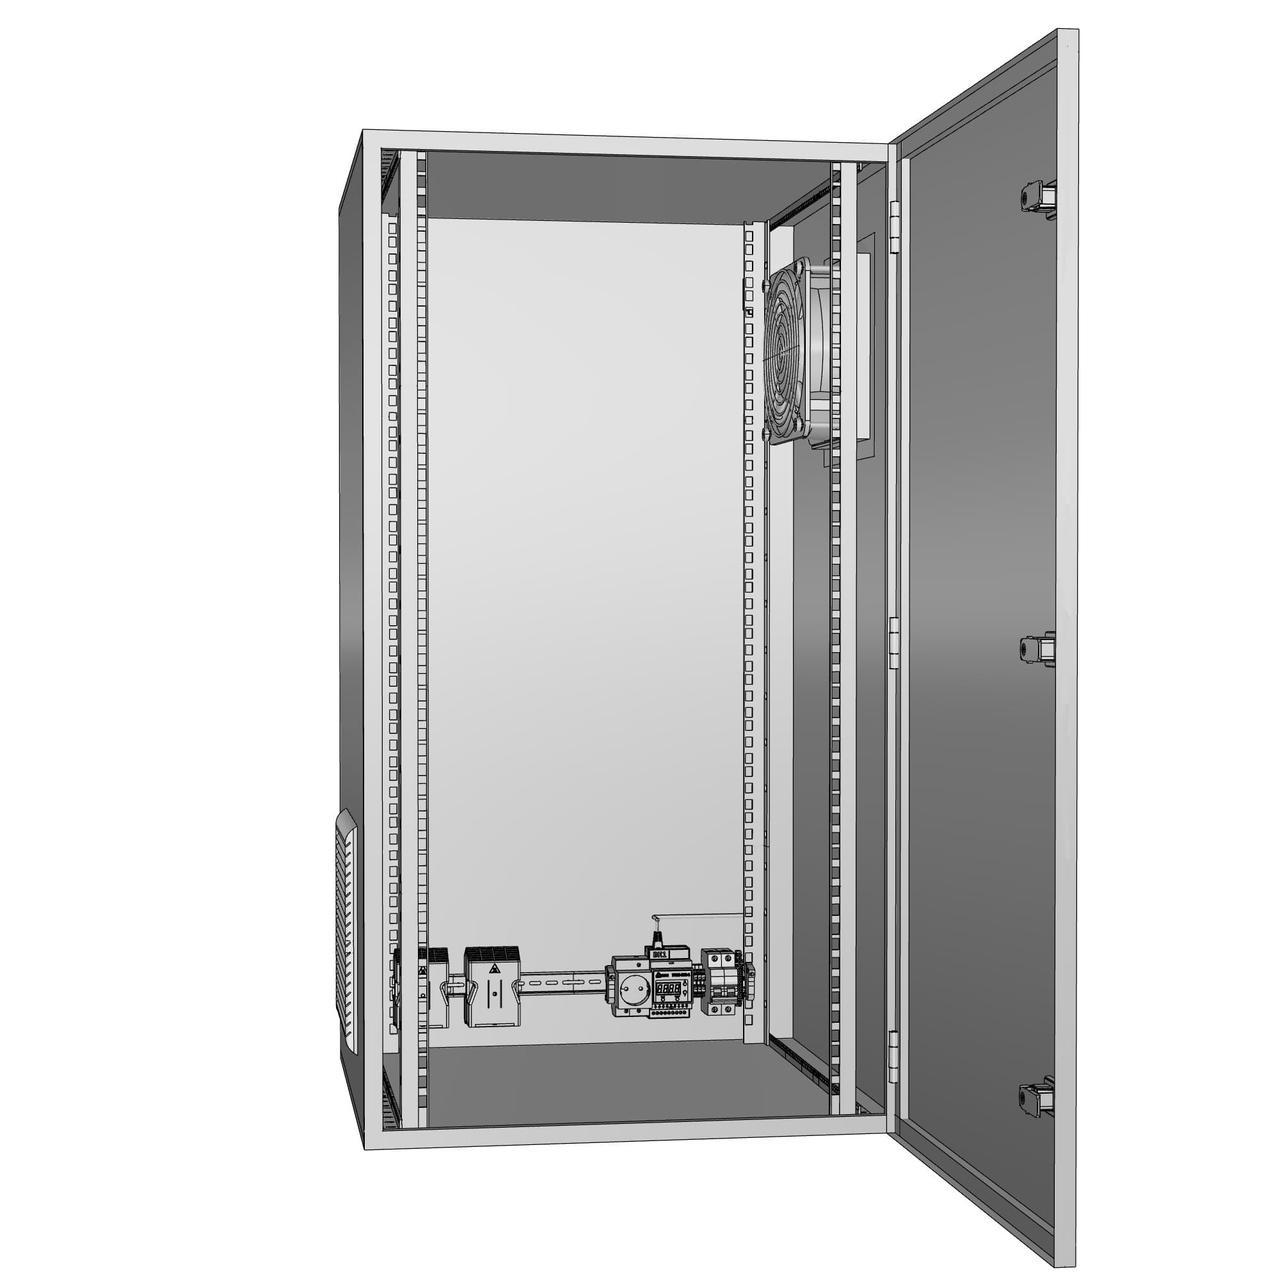 Шкаф климатический утеплённый с обогревом и вентиляцией ЩКу- ОВ- 03 - 600×400×200 (В×Ш×Г) IP65